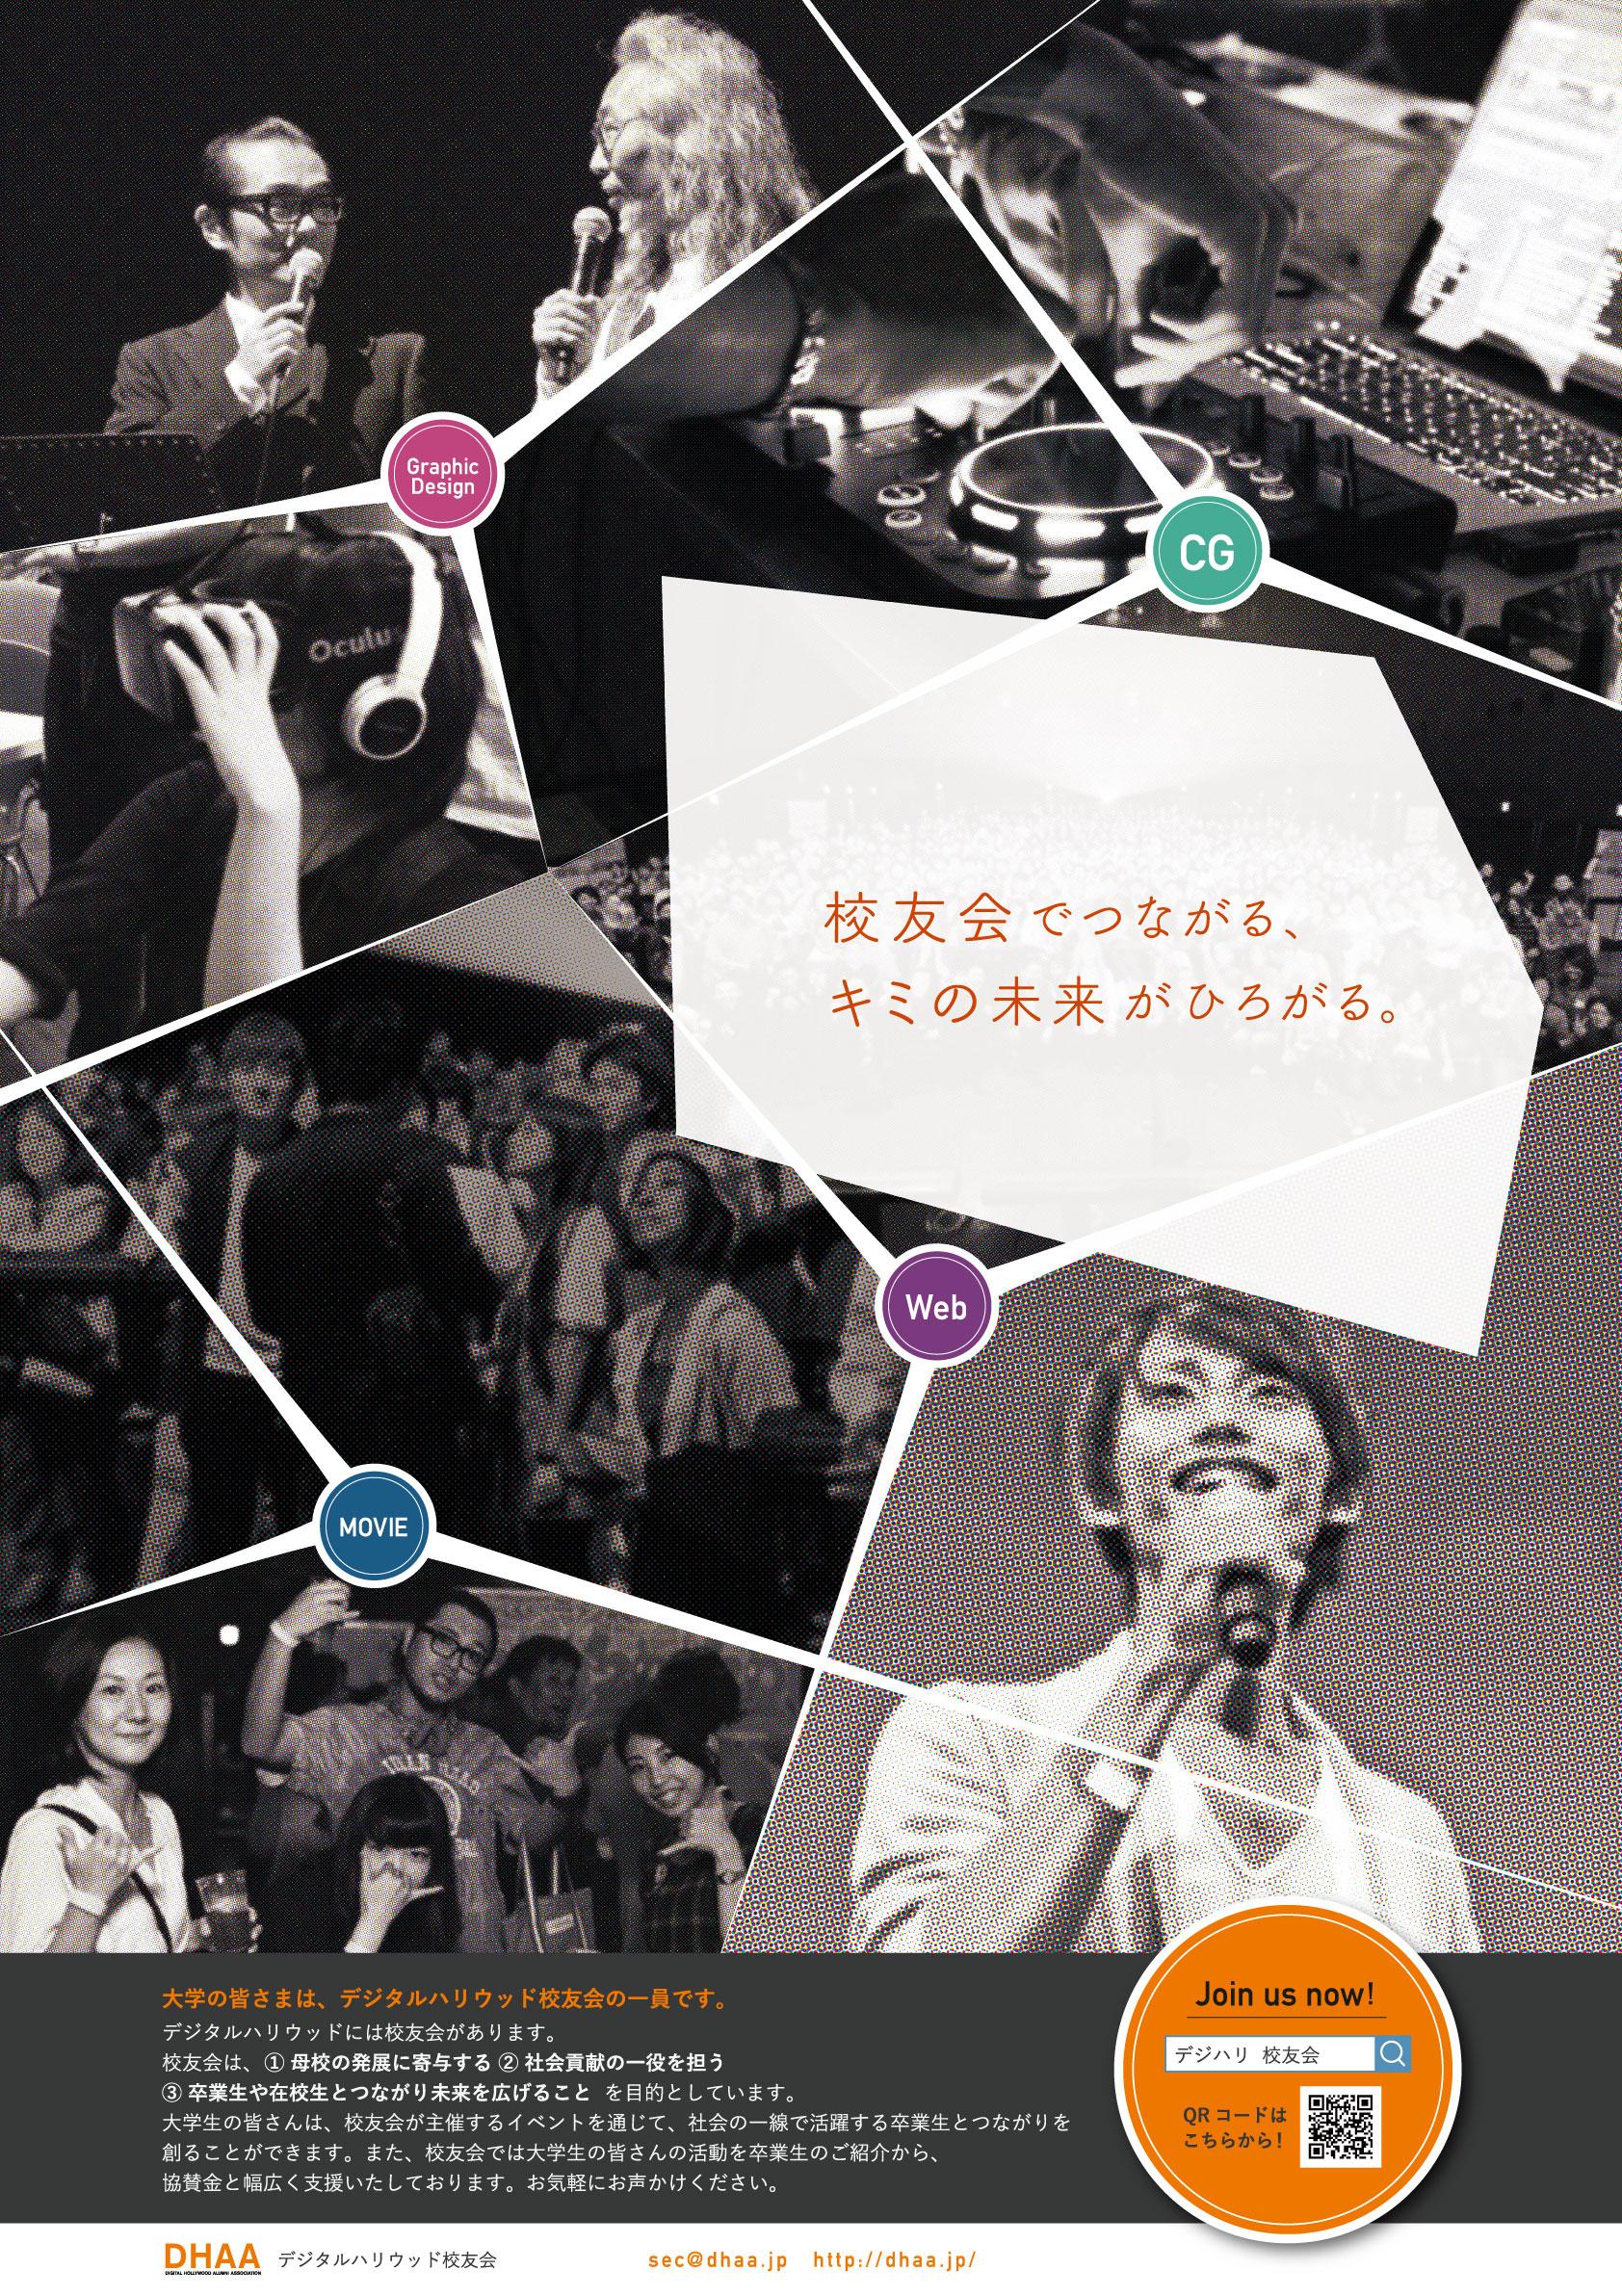 デジタルハリウッド大学学生 柿野 幸歩さんが制作された校友会ポスター